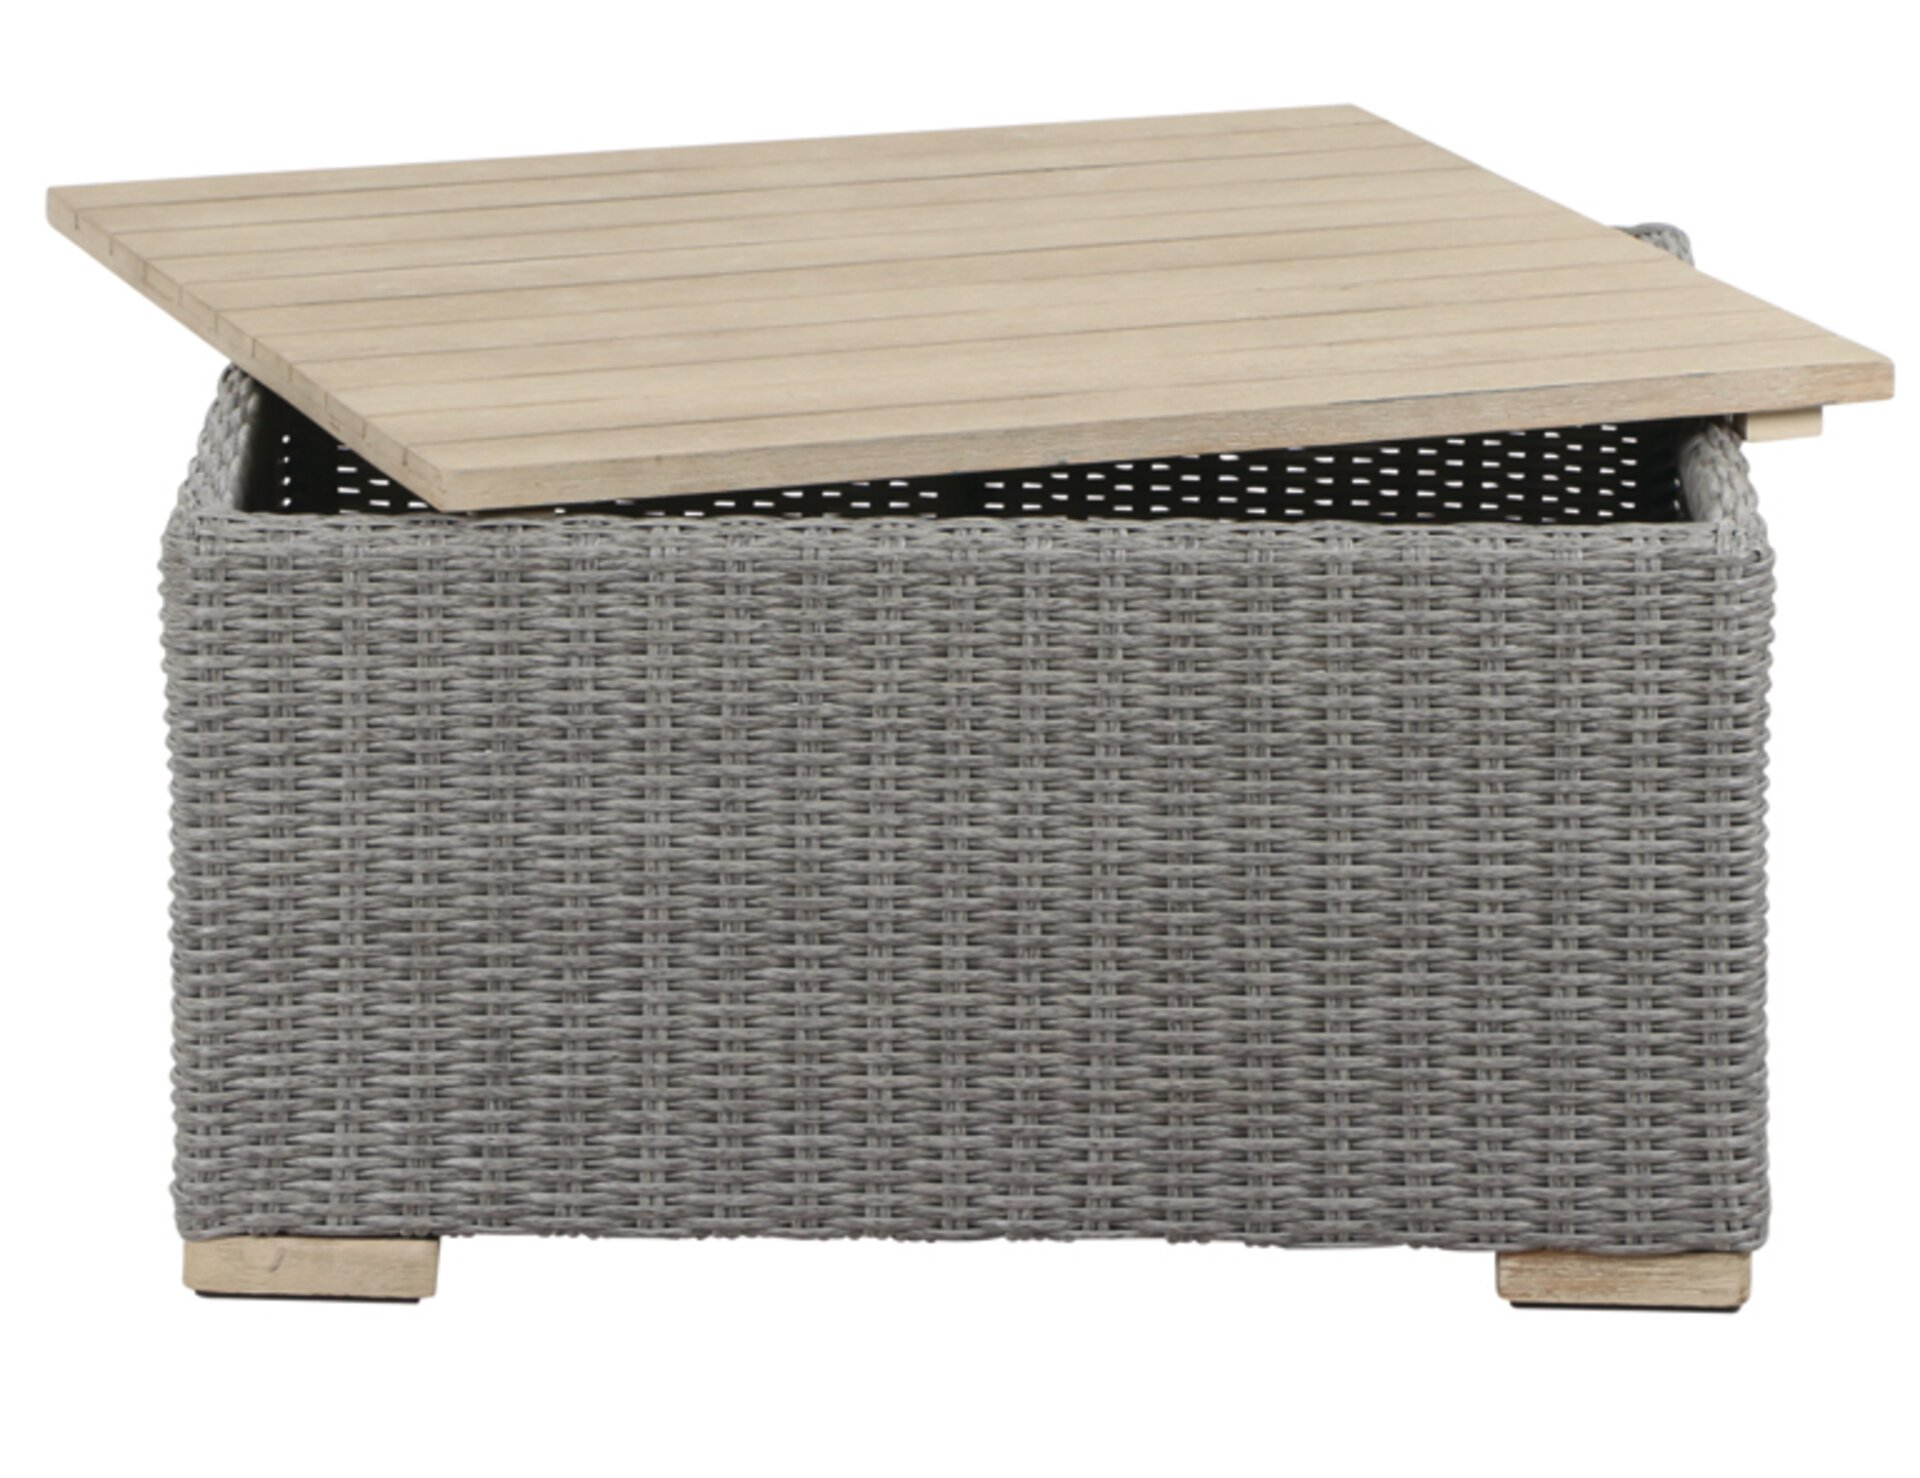 Beistelltisch MORINA Siena Garden Kunststoff grau 85 x 48 x 85 cm